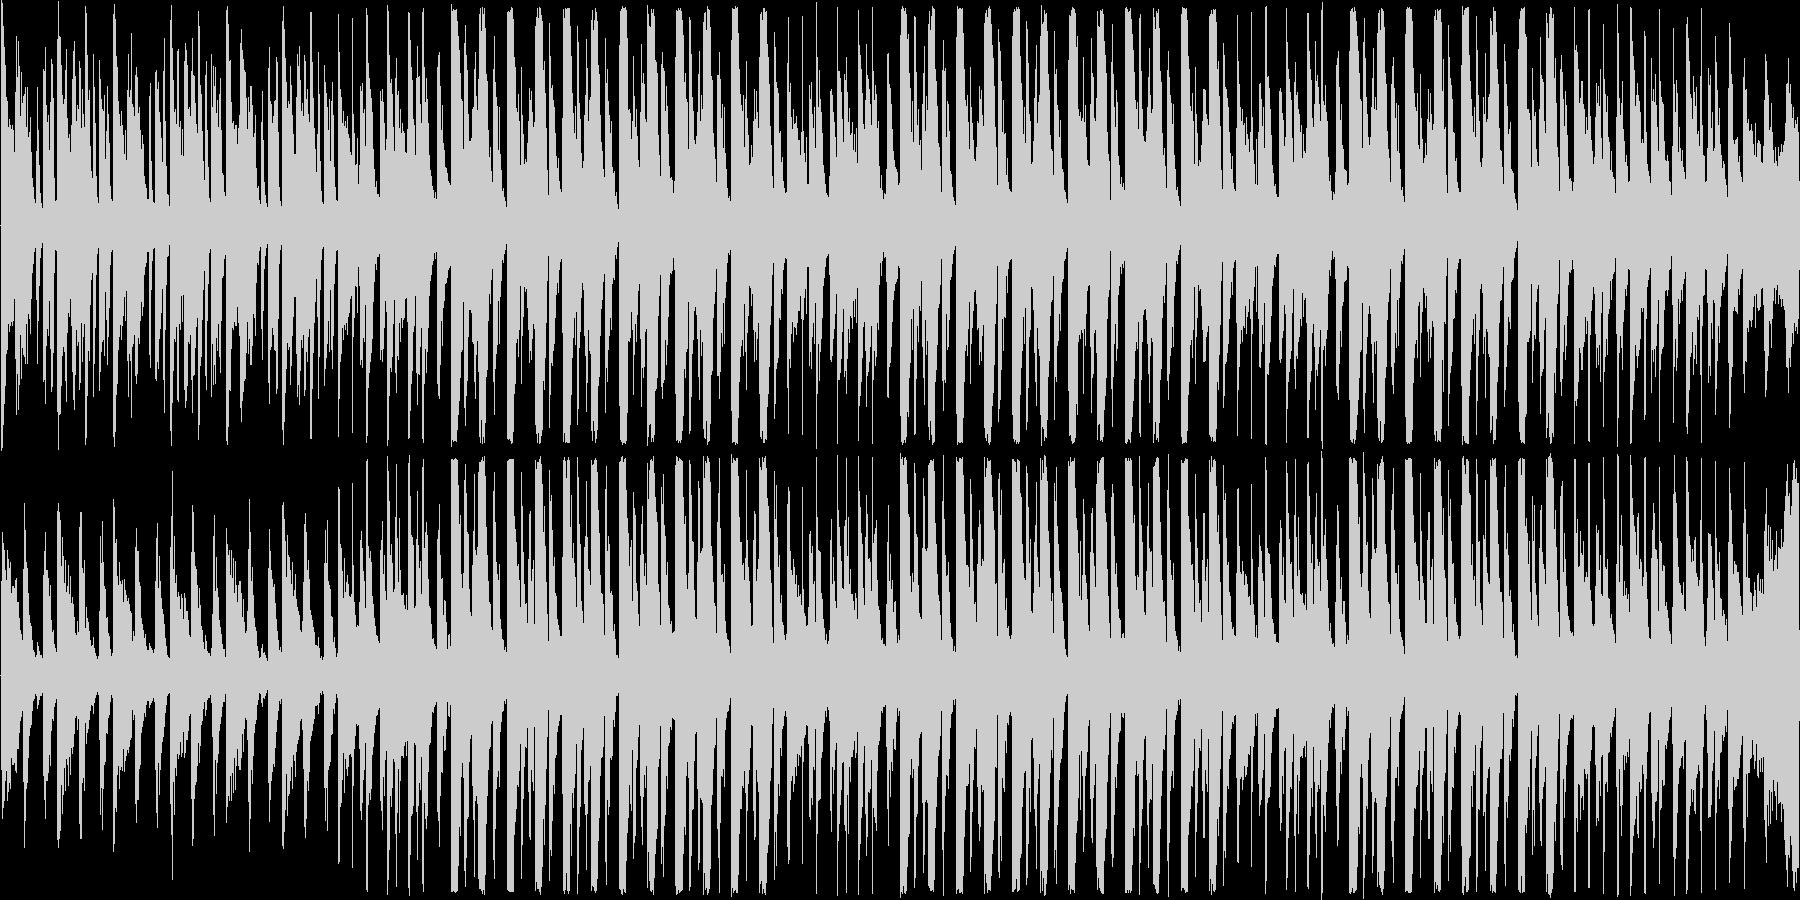 【爽やかなピアノポップ×ハウス】の未再生の波形